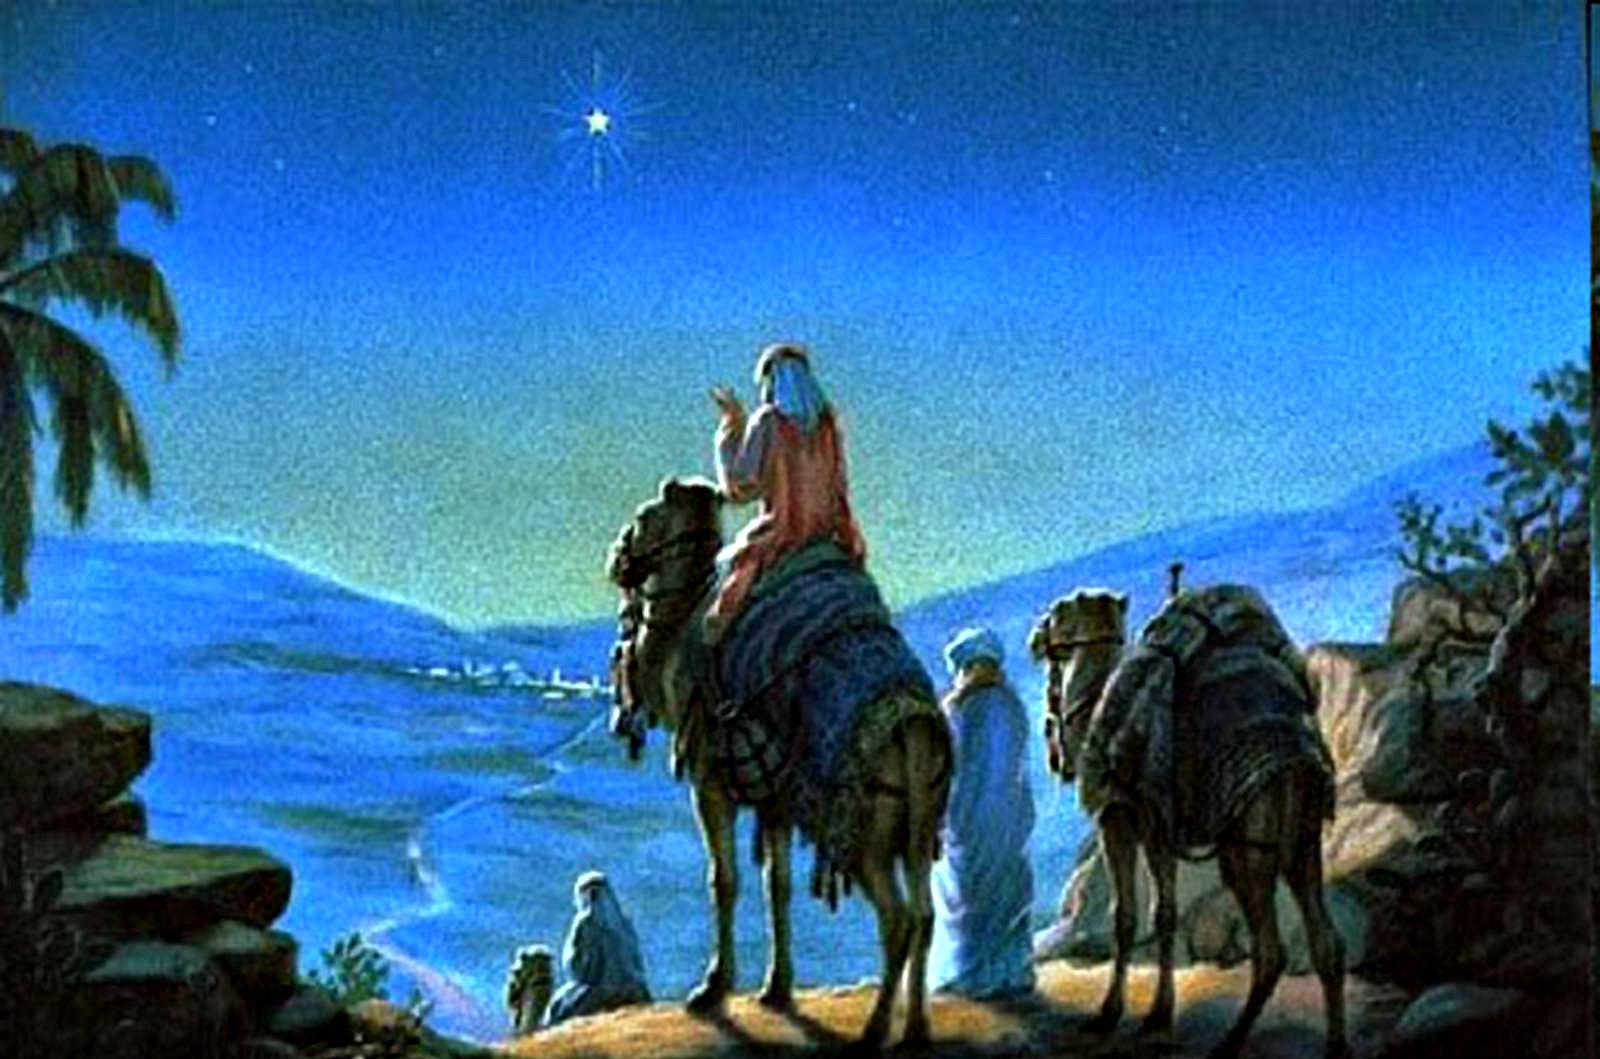 Расписание Рождественских богослужений в Покровском и Успенском соборах г. Астрахани 6 и 7 января 2020 года